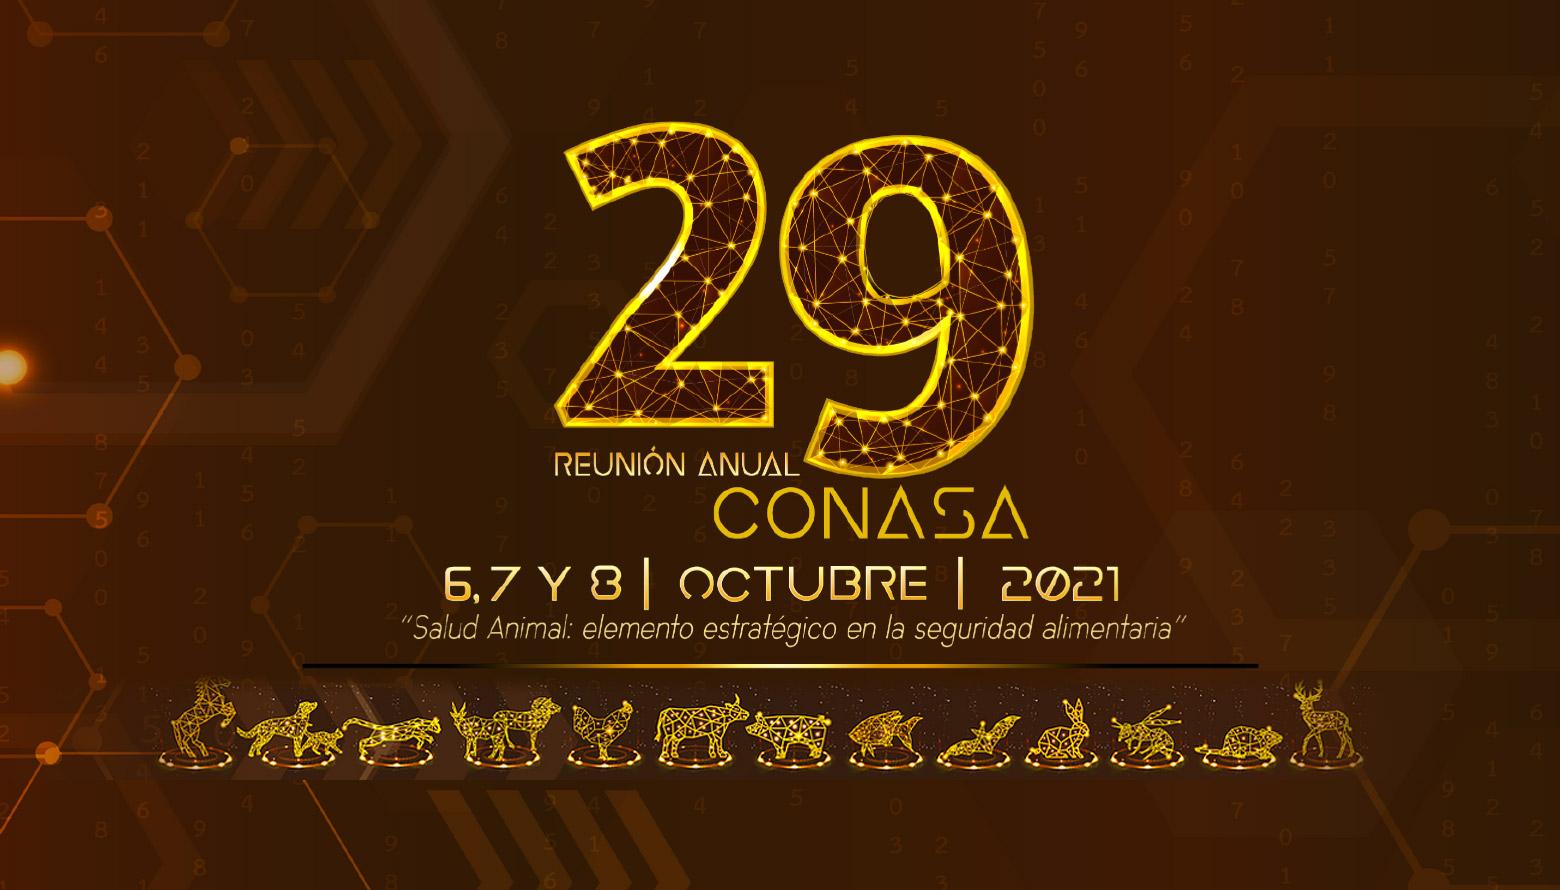 29 Reunión anual CONASA 2021